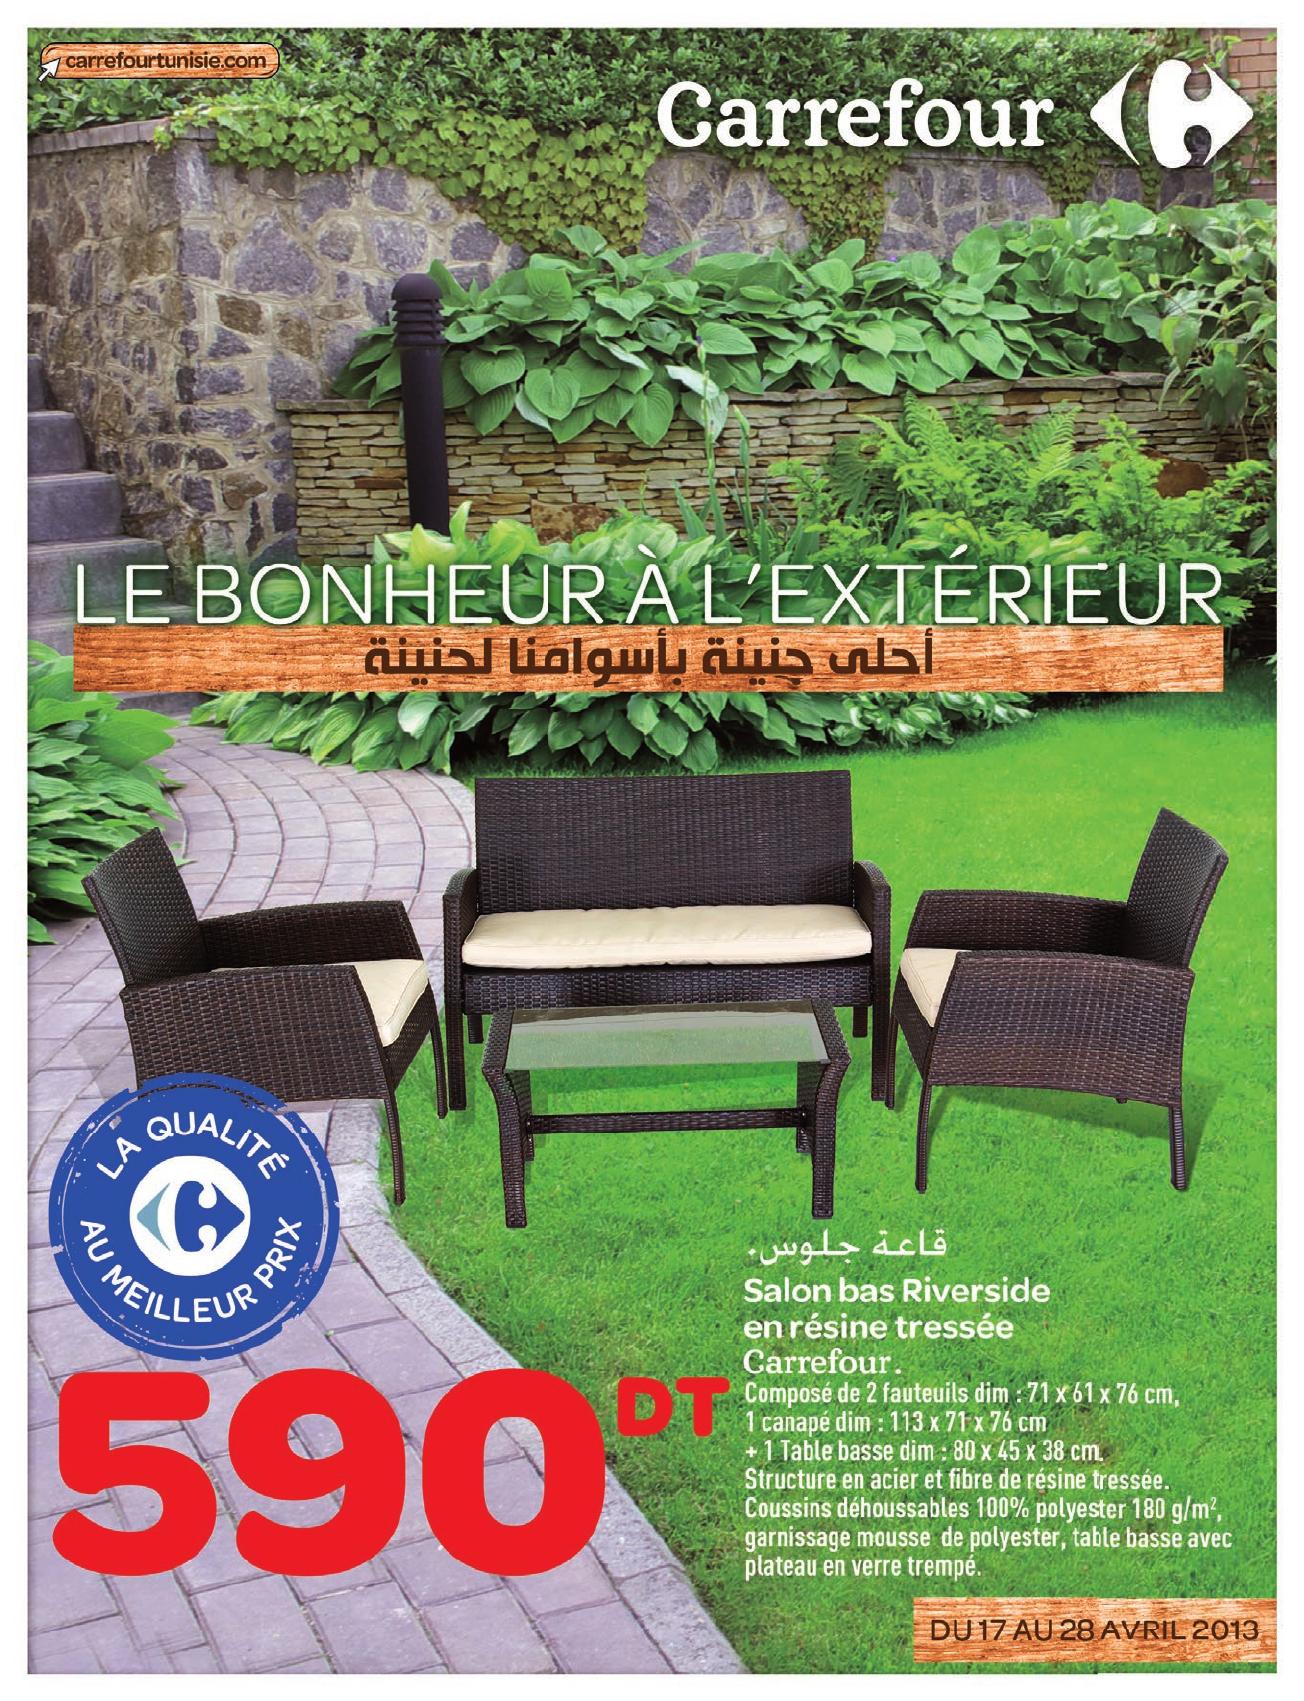 Catalogue Carrefour Le Bonheur L'extrieur - [Pdf Document] concernant Salon De Jardin Tressé Carrefour